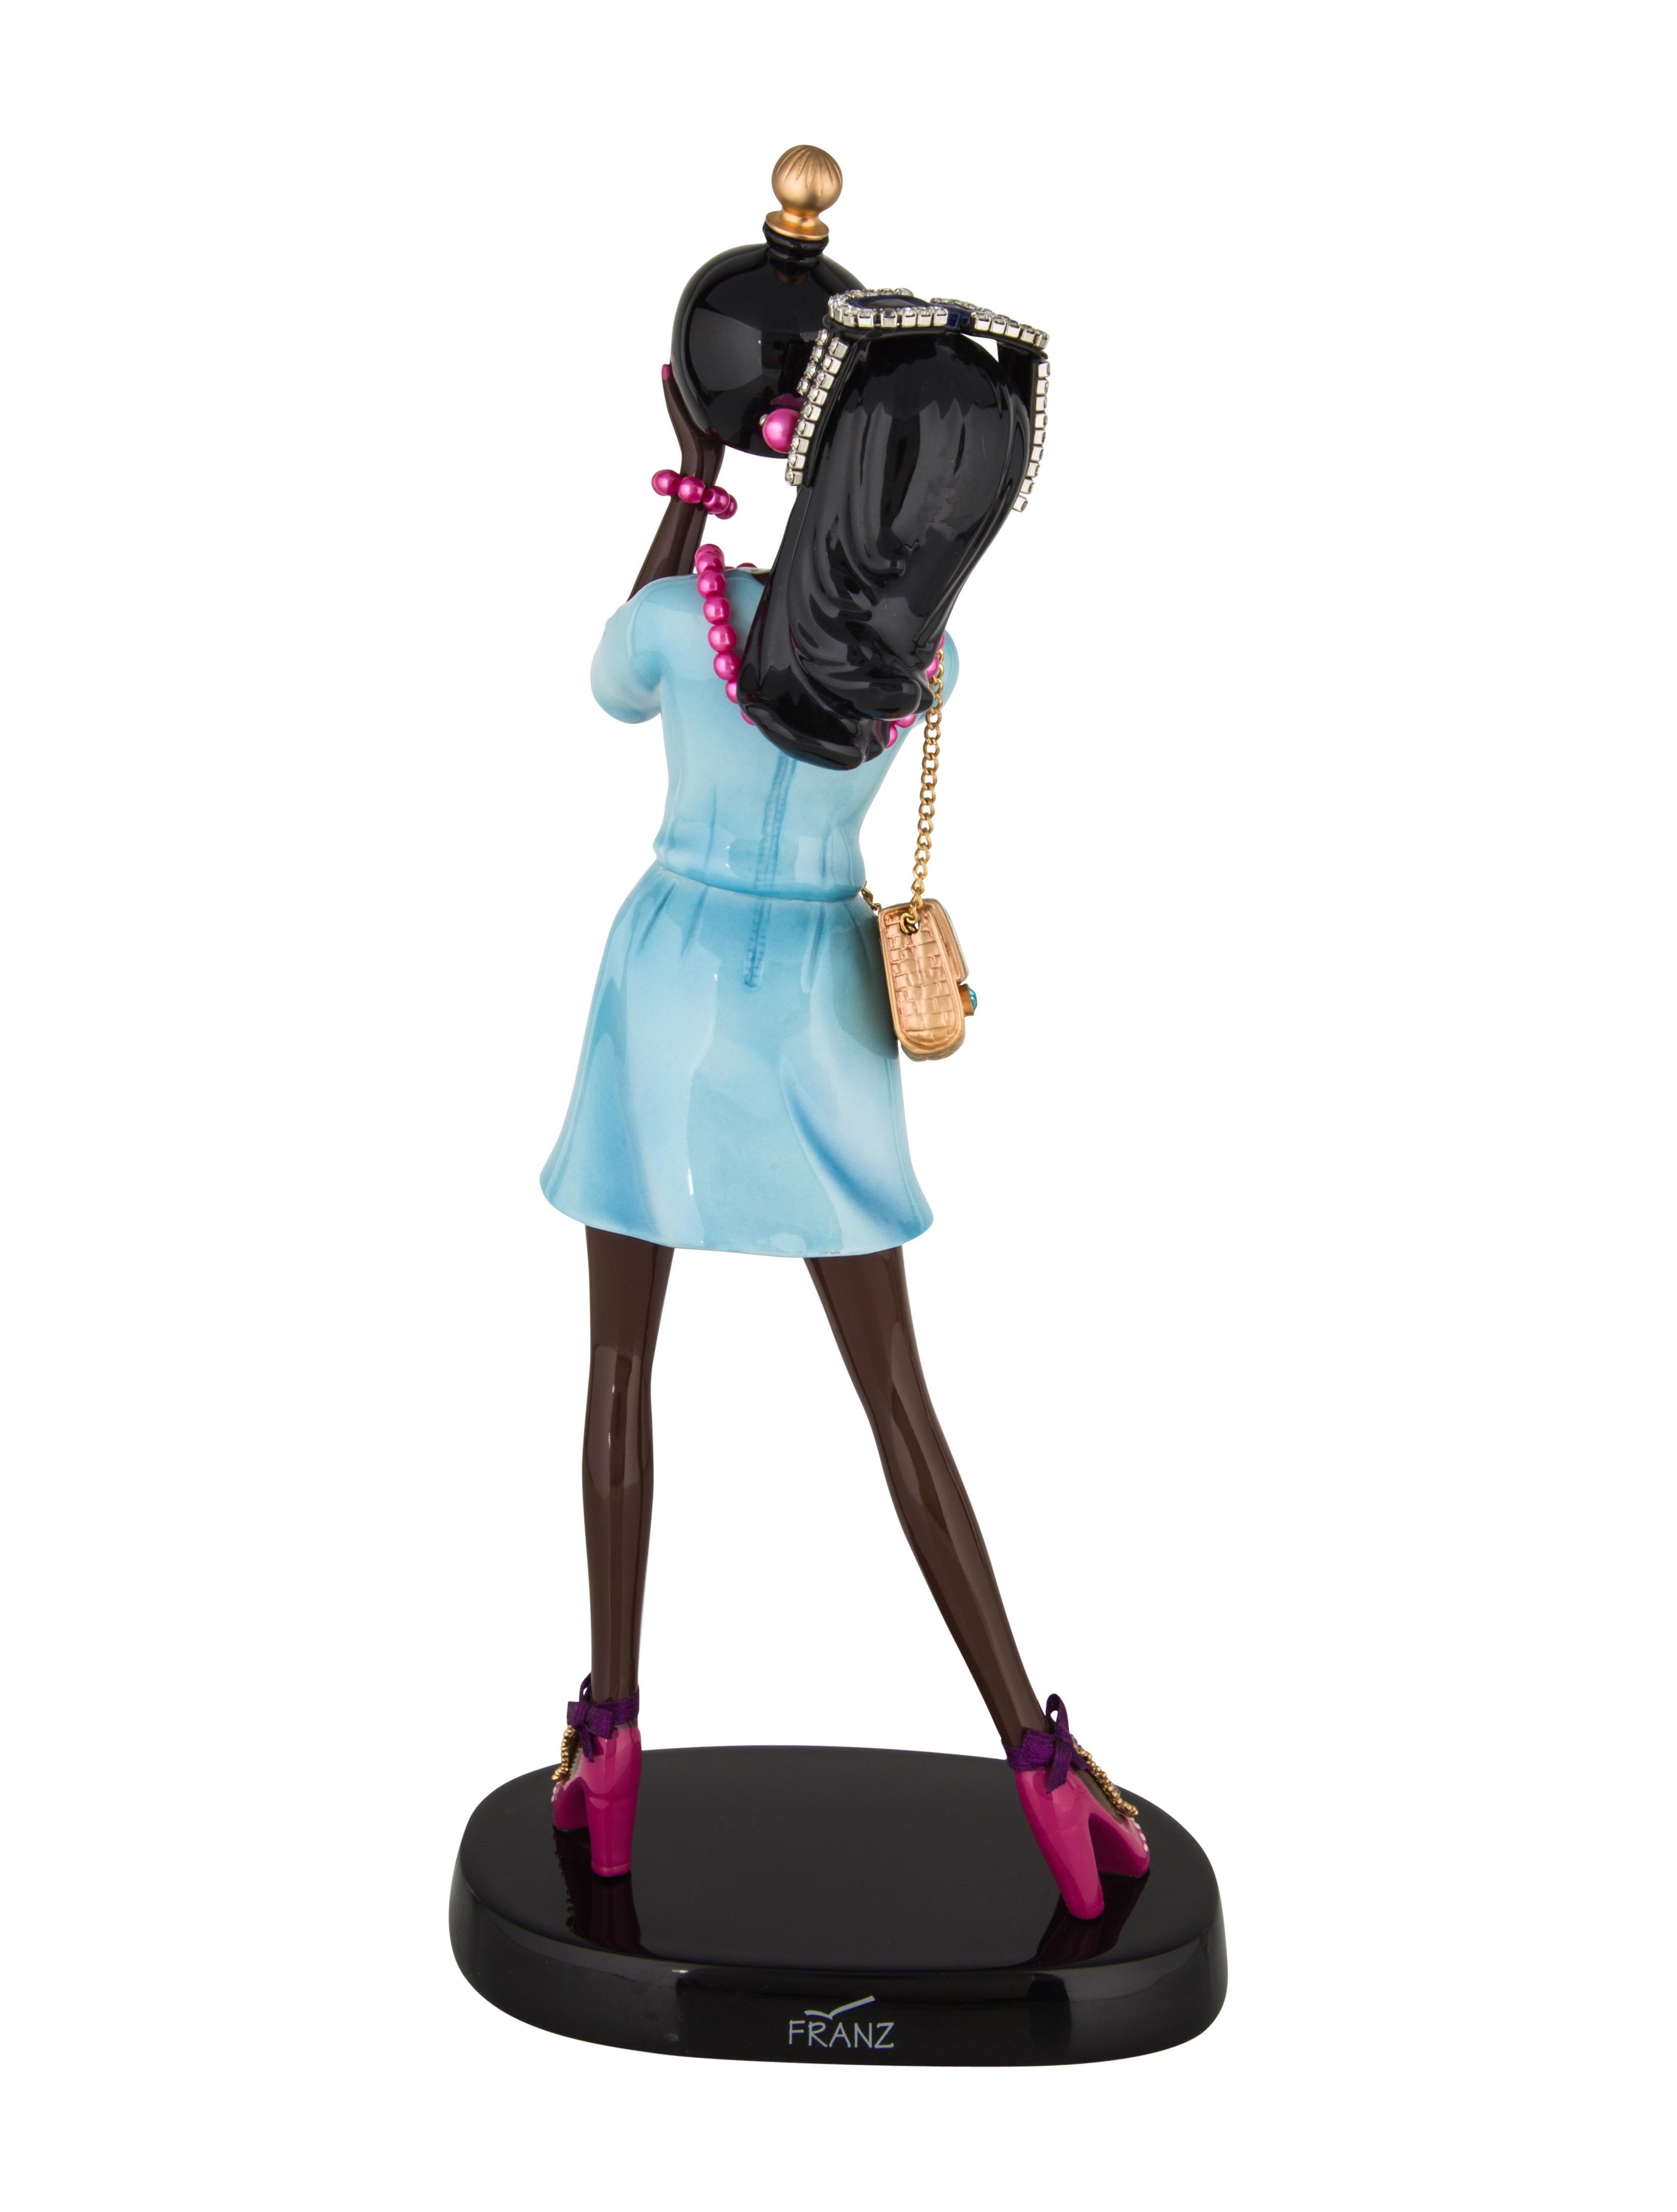 Lanvin Miss Lanvin 16 Porcelain Doll Decor And